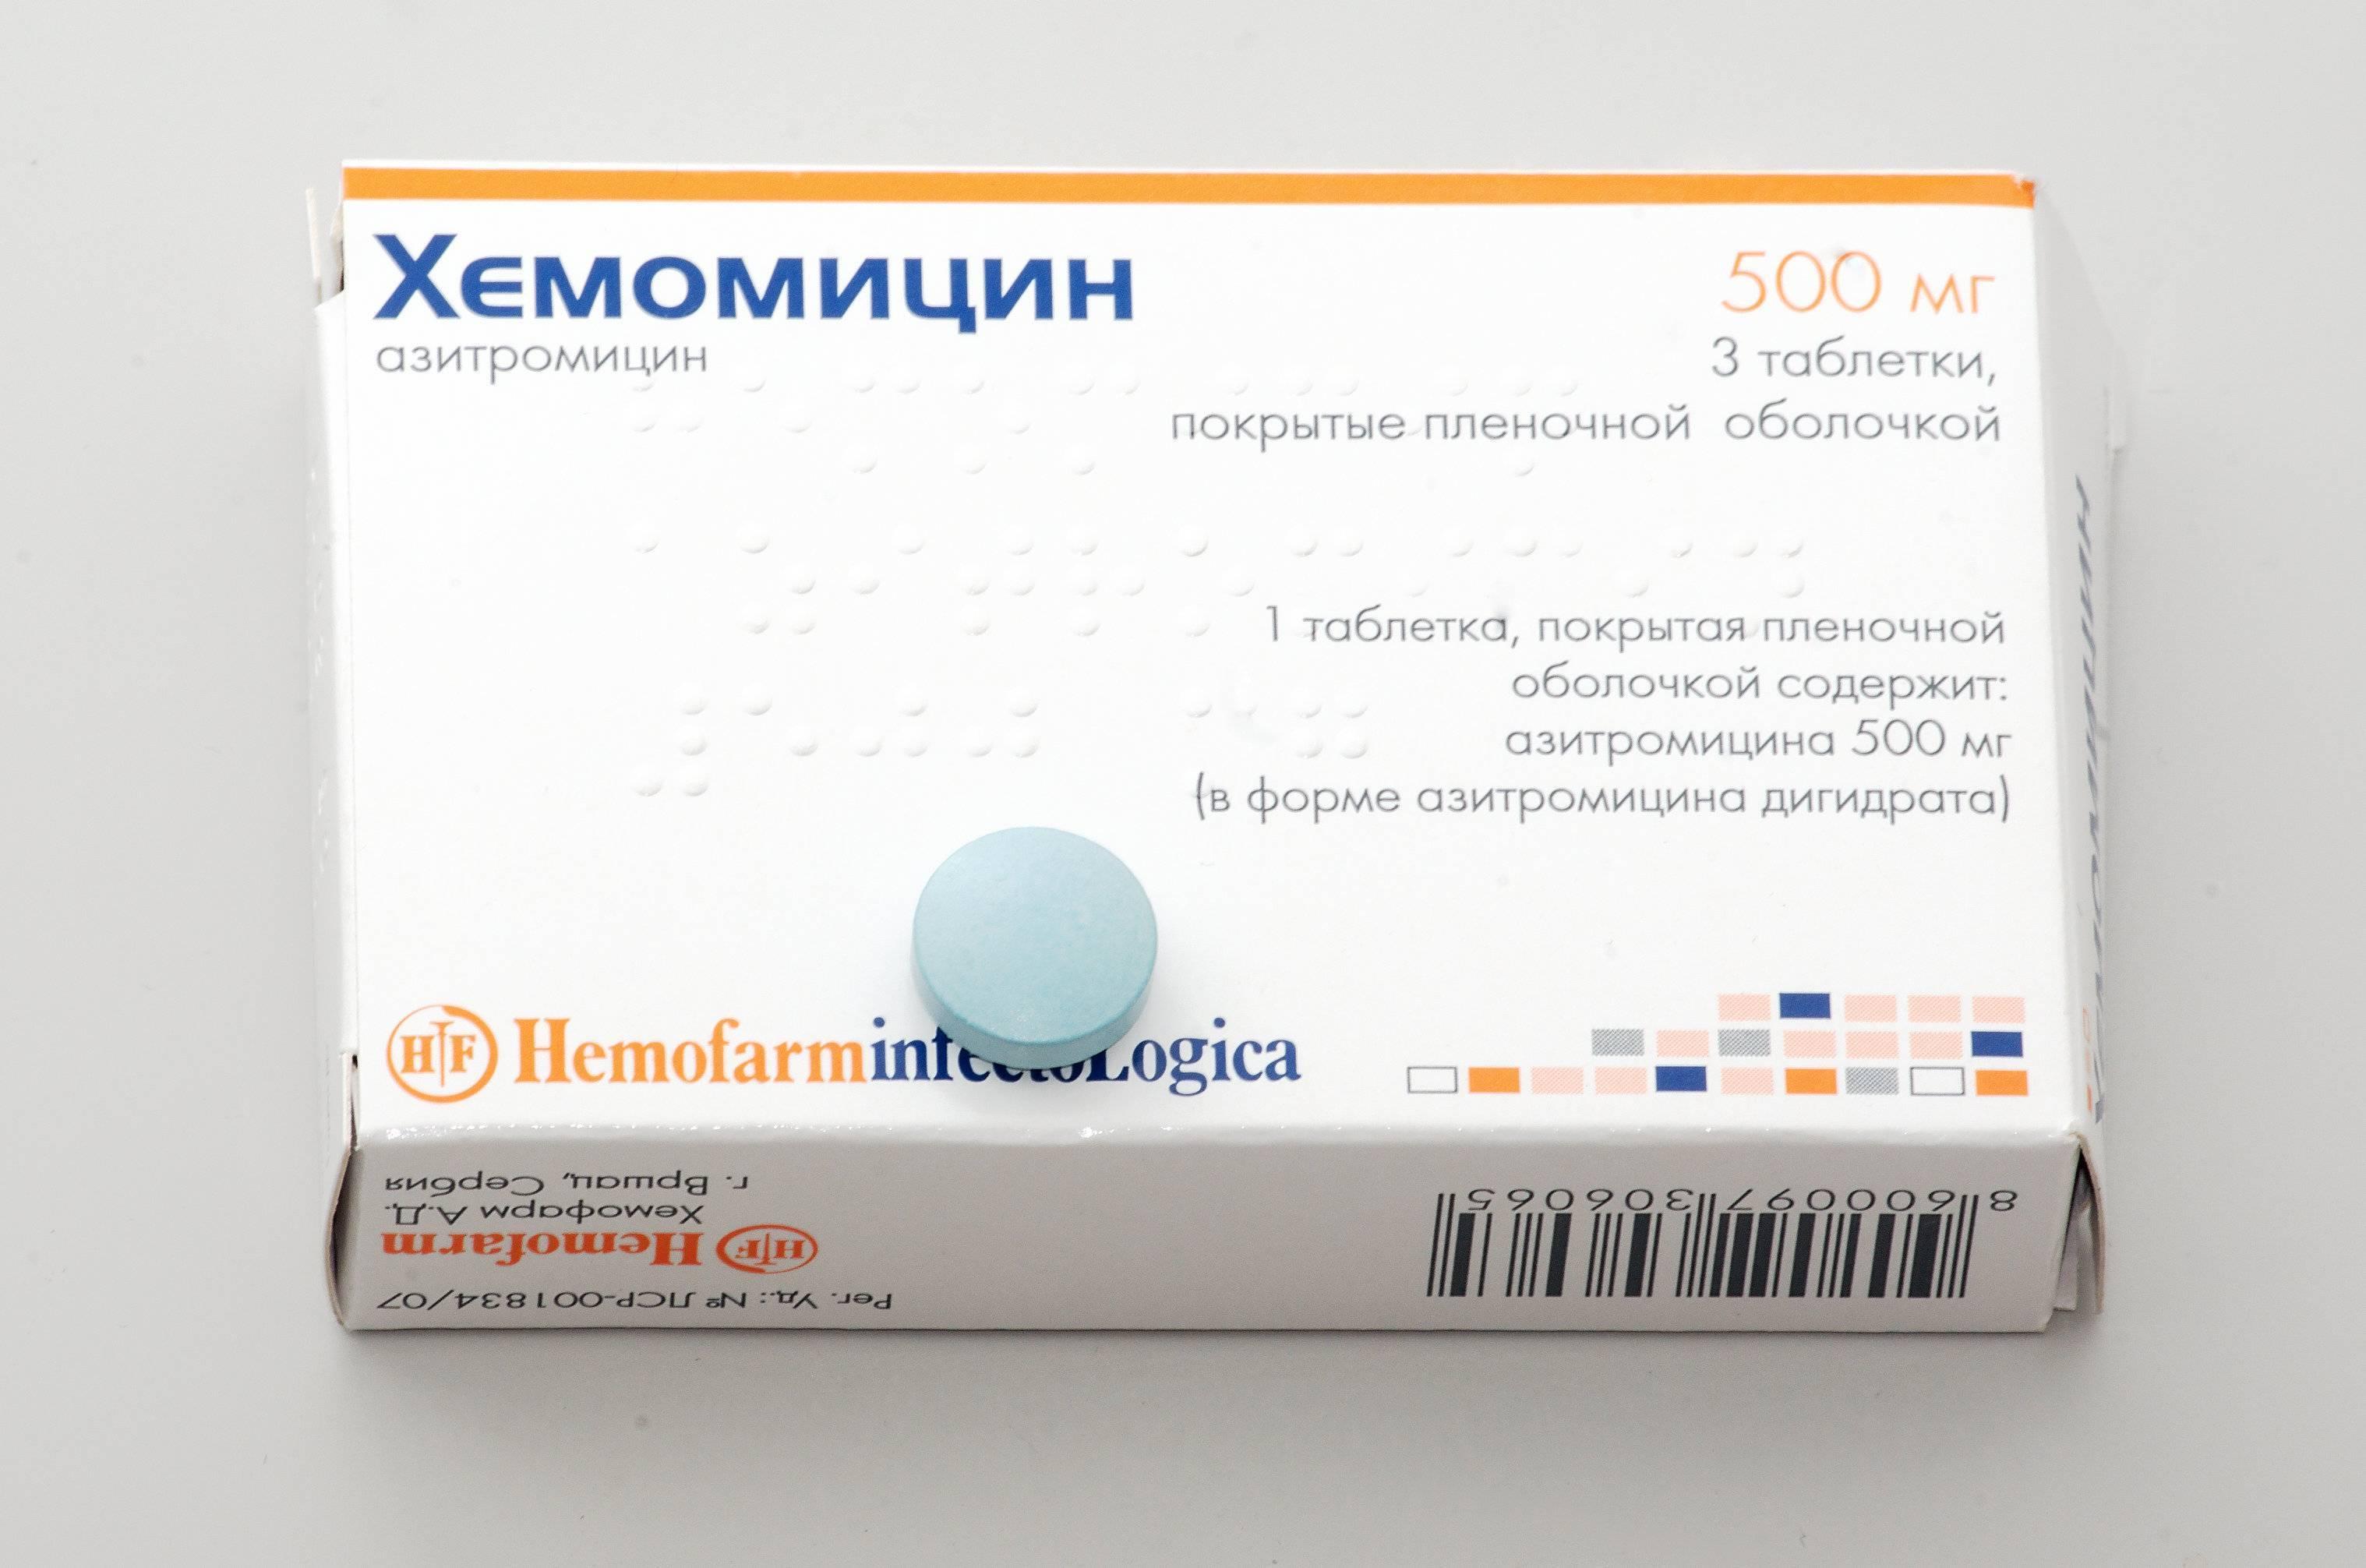 """Антибиотик """"хемомицин"""" – отзывы, инструкция по применению, состав и аналоги"""